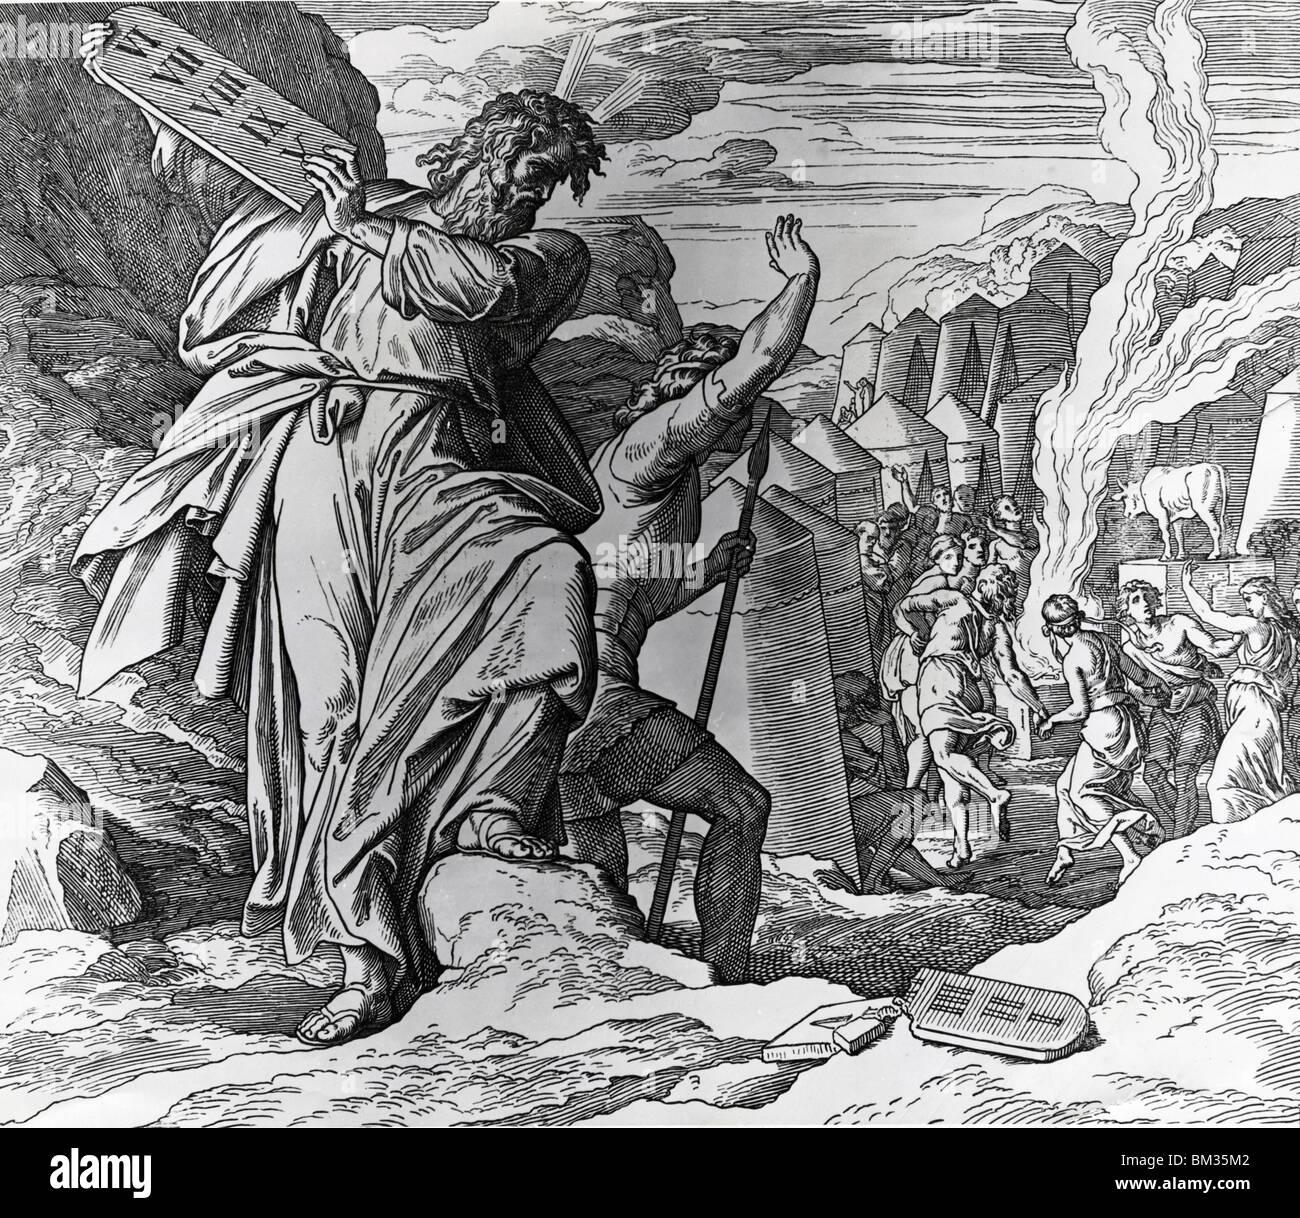 Moïse brise les tables de la Loi par Julius Schnorr von Carolsfeld, (1794-187) Banque D'Images